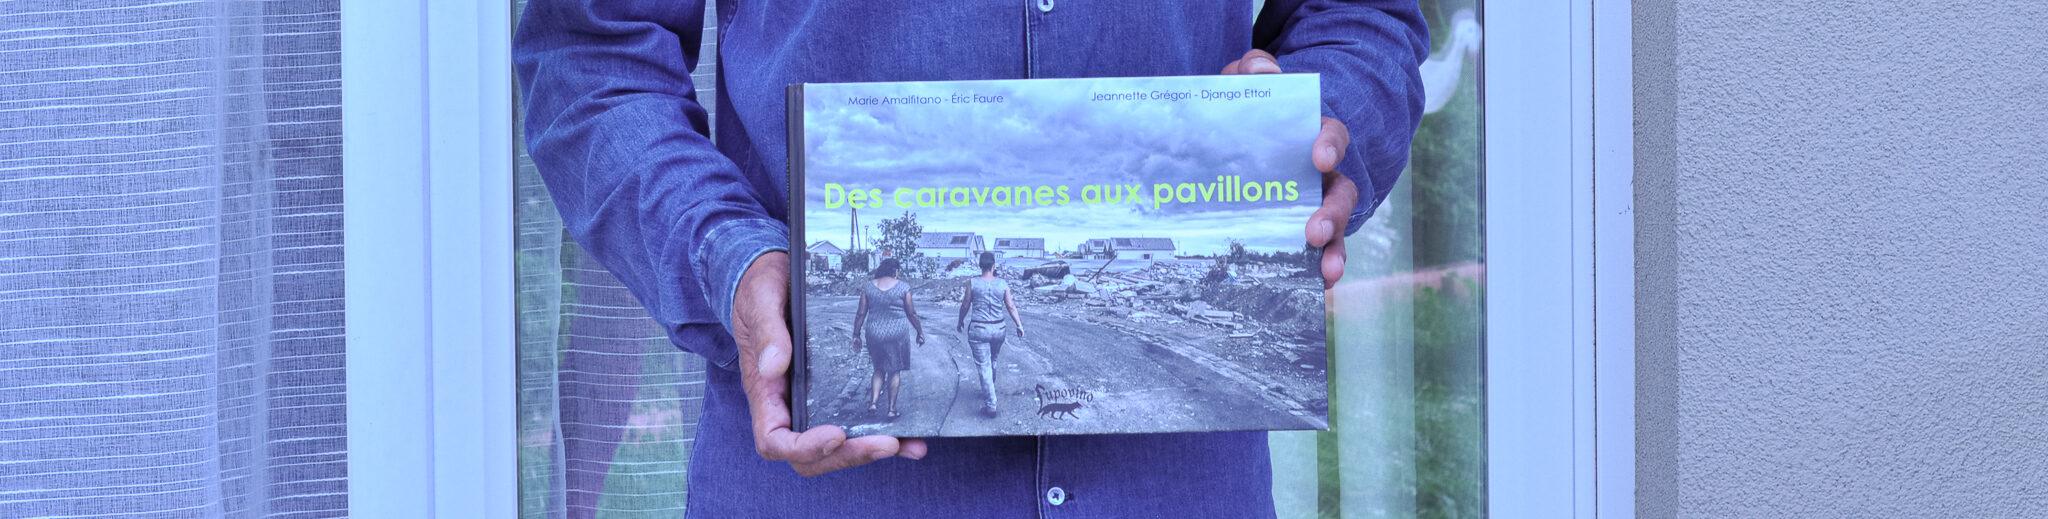 «Des caravanes aux pavillons» : un livre rare sur la sédentarisation des gens du voyage